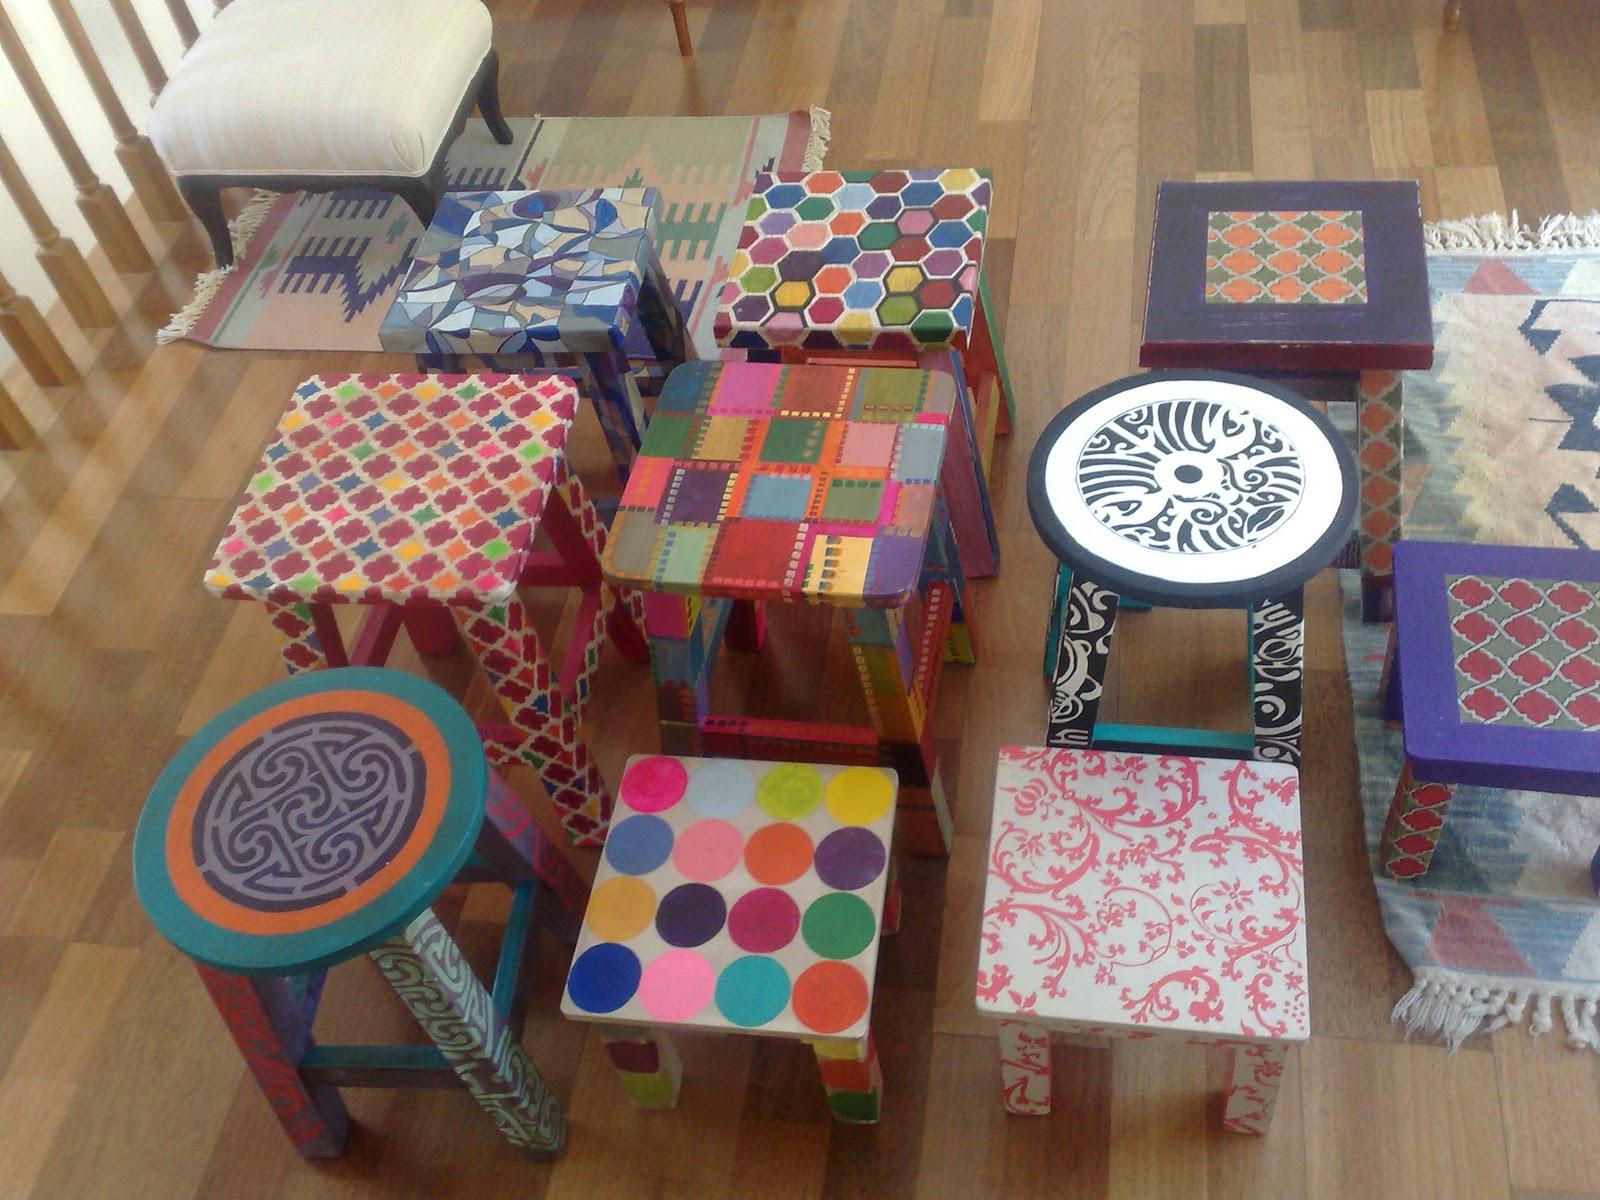 Vintouch muebles reciclados pintados a mano bancos - Muebles decorados a mano ...